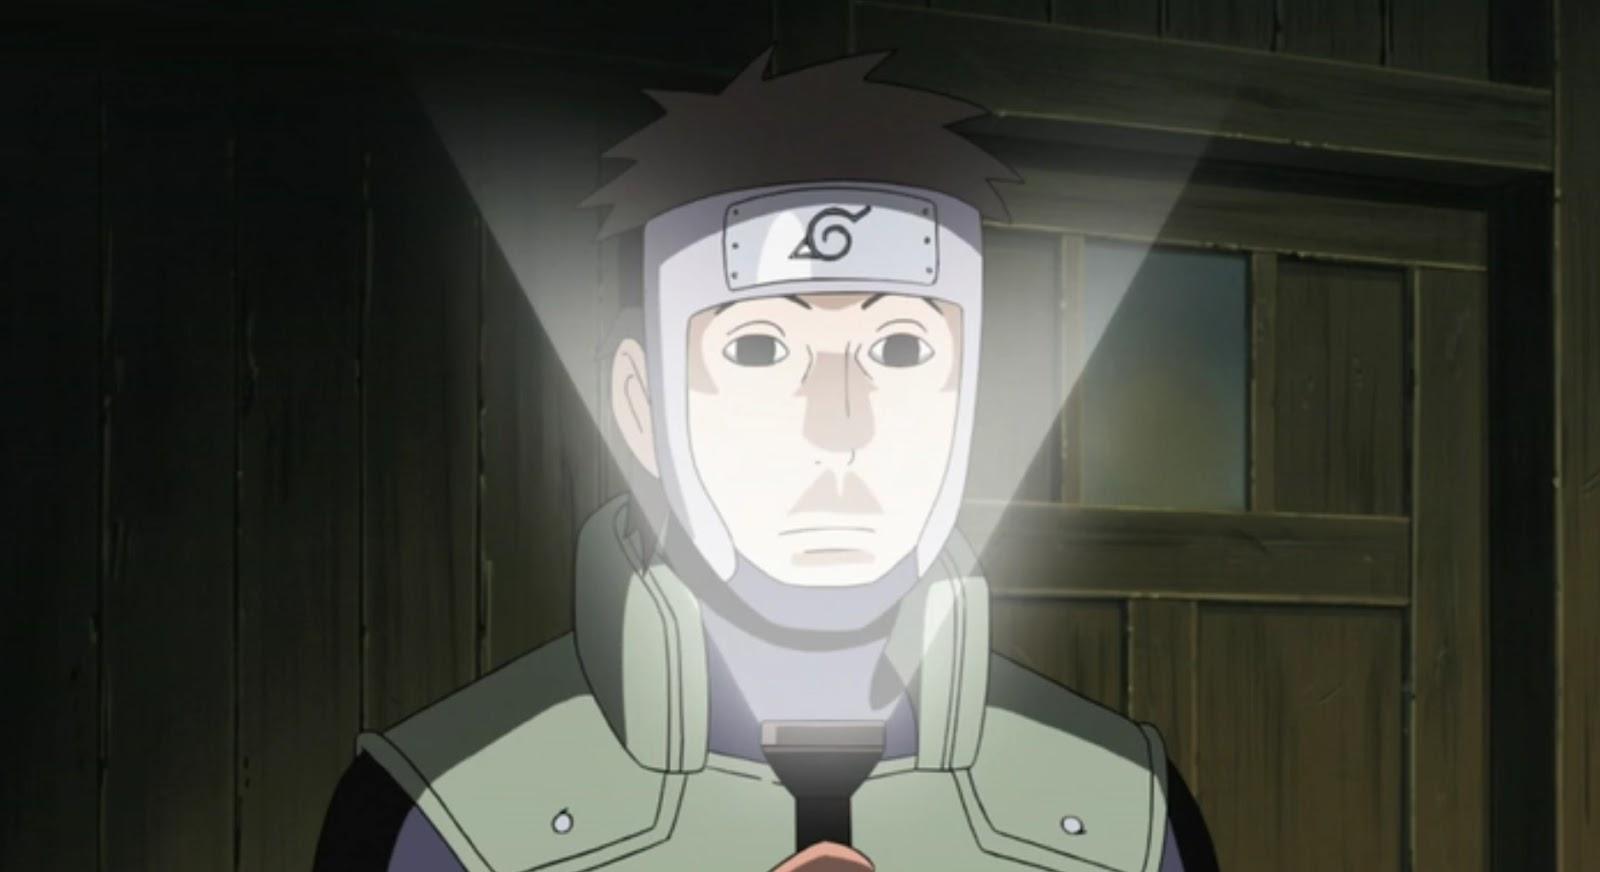 Naruto Shippuden Episódio 225, Assistir Naruto Shippuden Episódio 225, Assistir Naruto Shippuden Todos os Episódios Legendado, Naruto Shippuden episódio 225,HD